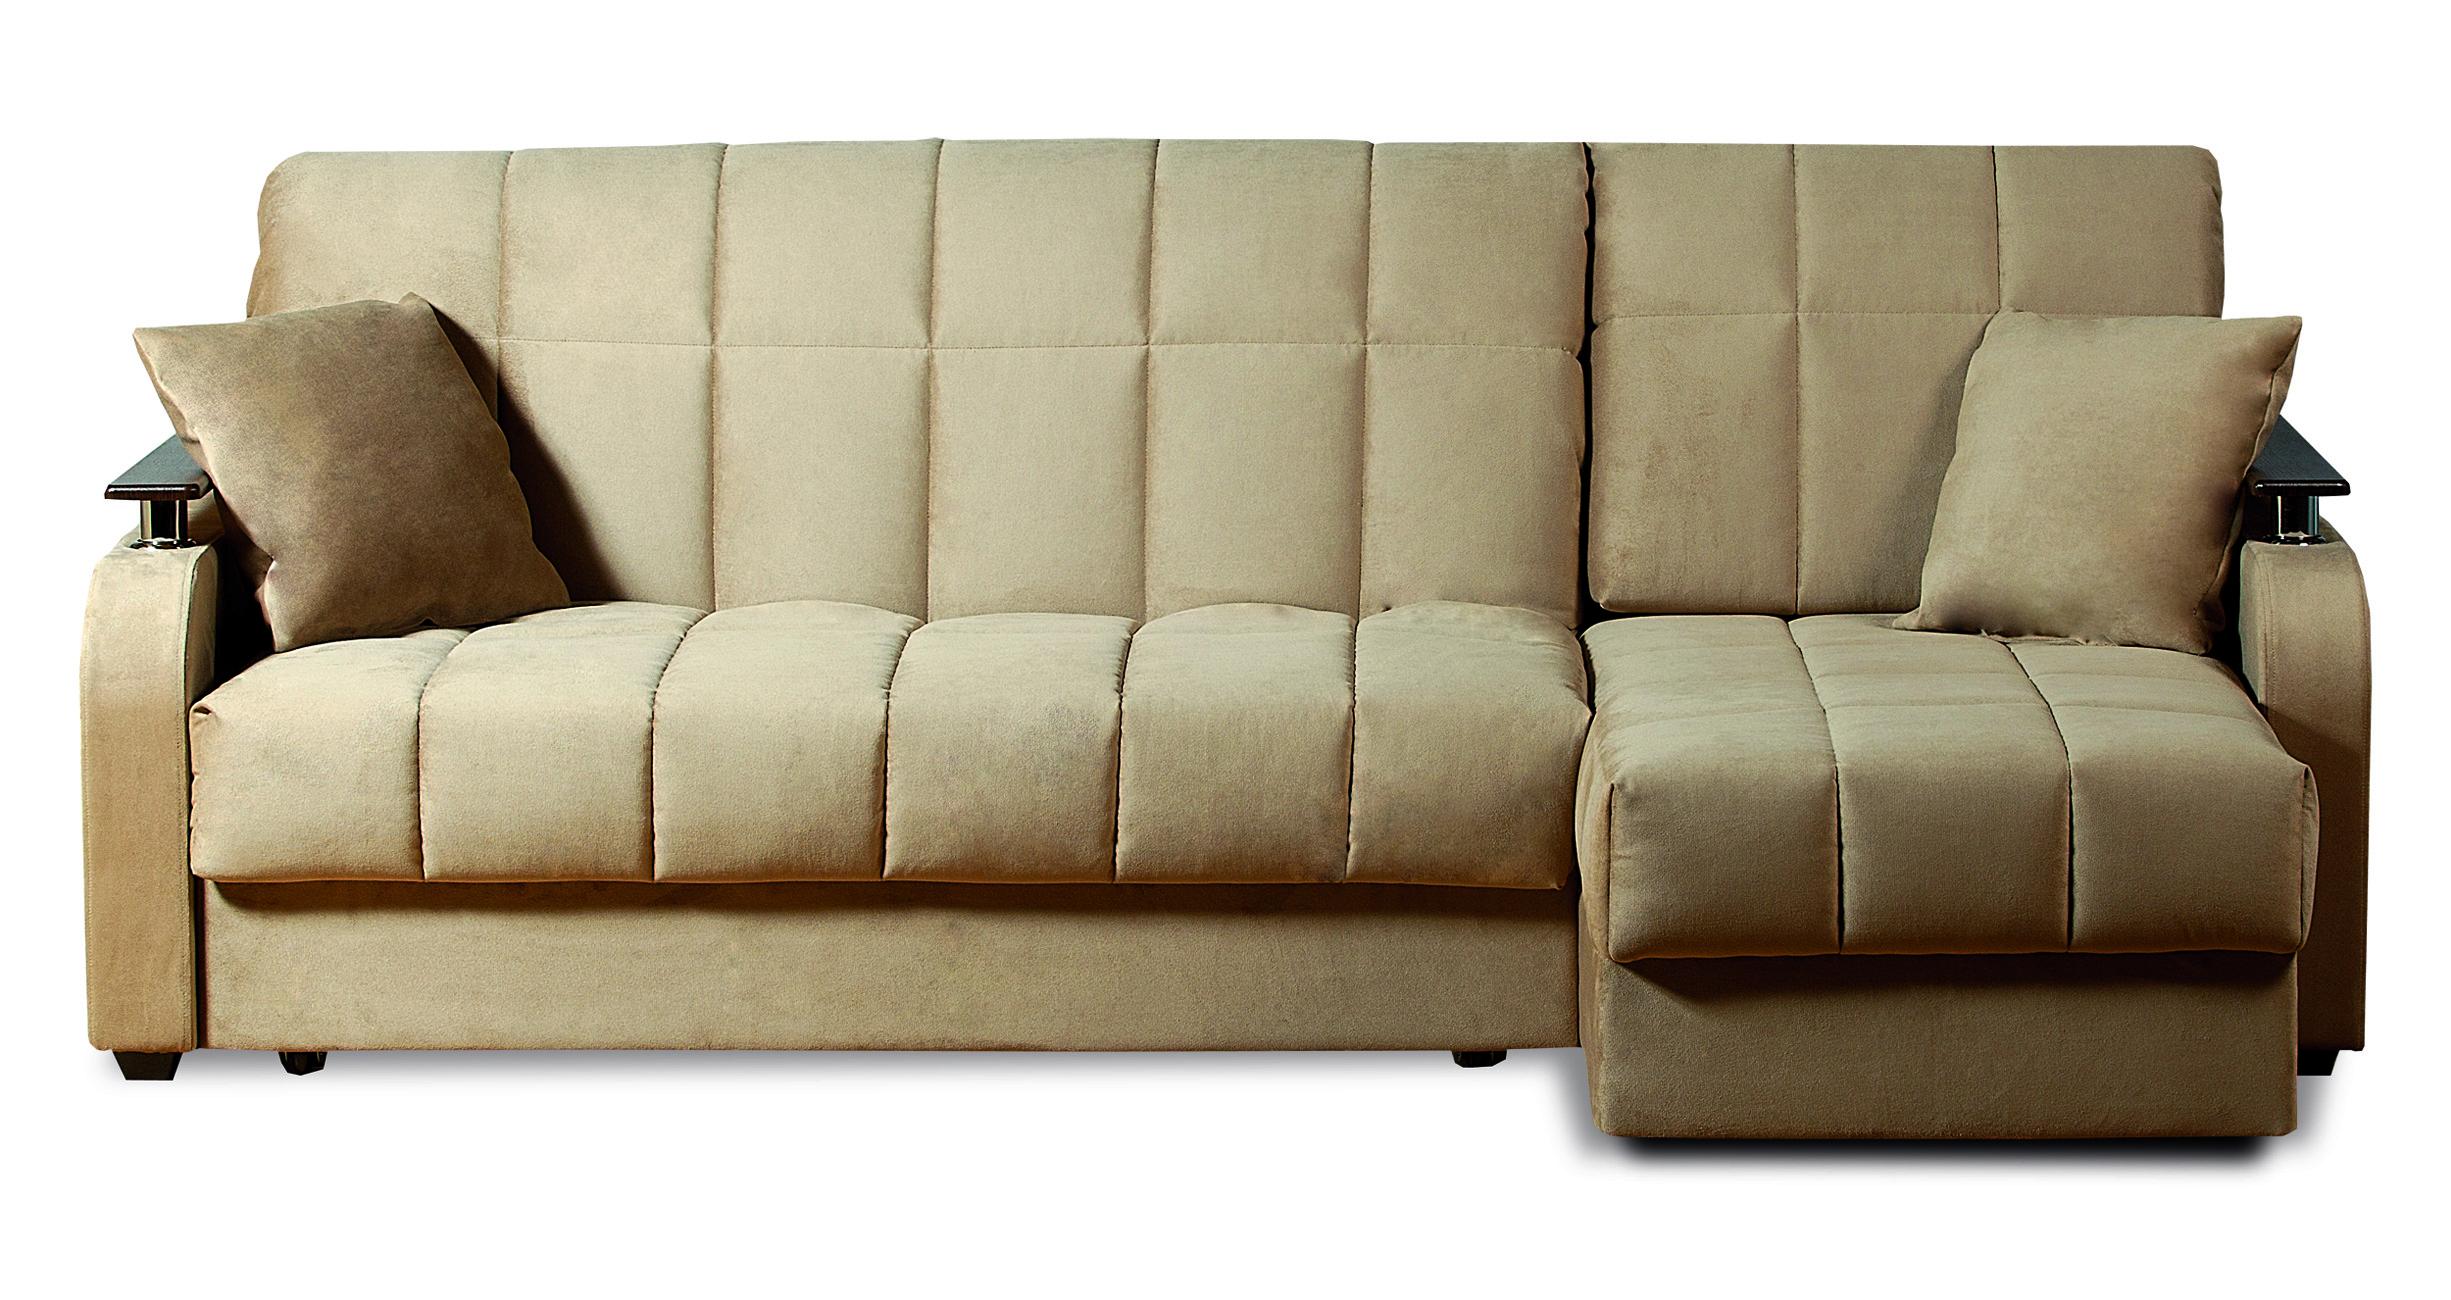 Неаполь 086 диван-кровать 3а 140-1пф угловойМягкая мебель<br>Механизм трансформации: Аккордеон&#13;Ящик для белья: Есть&#13;Материал обивки: Ткань&#13;Длина изделия: 232 см.&#13;Высота изделия: 93 см.&#13;Глубина изделия: 150 см.&#13;Глубина спального места: 140 см.&#13;Длина спального места: 200 см.&#13;Гарантийный срок18<br><br>Длина мм: 0<br>Высота мм: 0<br>Глубина мм: 0